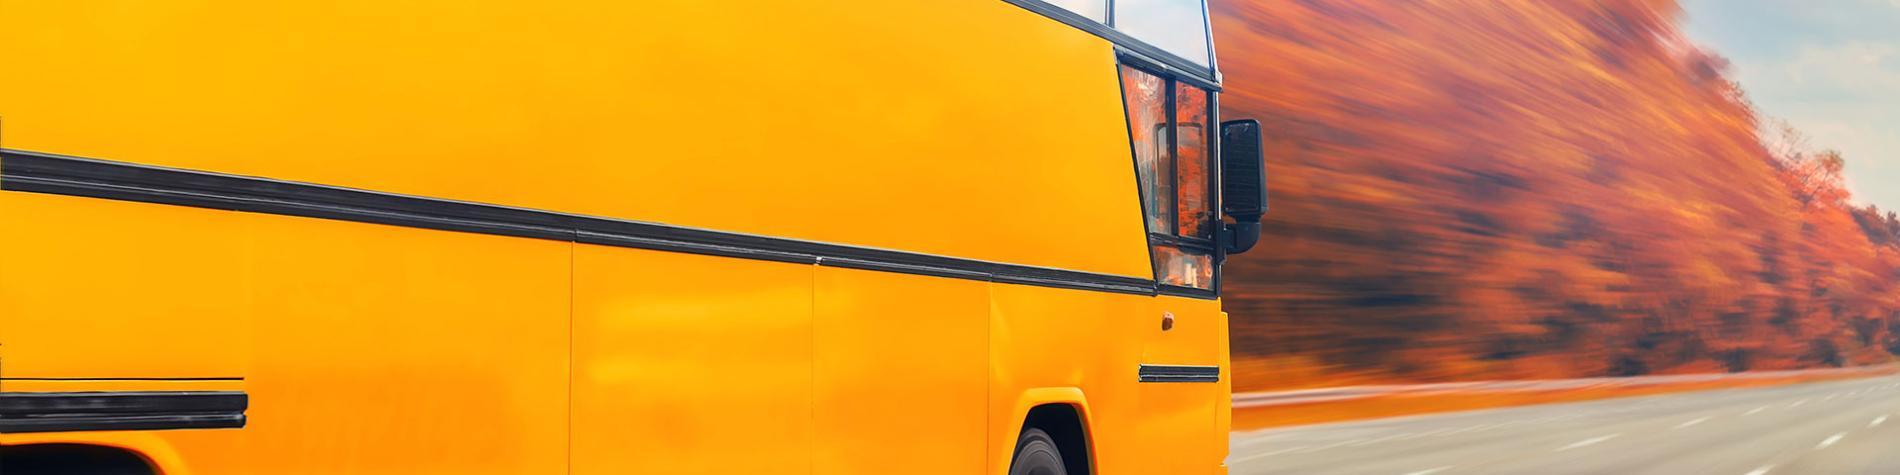 Autocaristes - partenaires - voyage - Wallonie